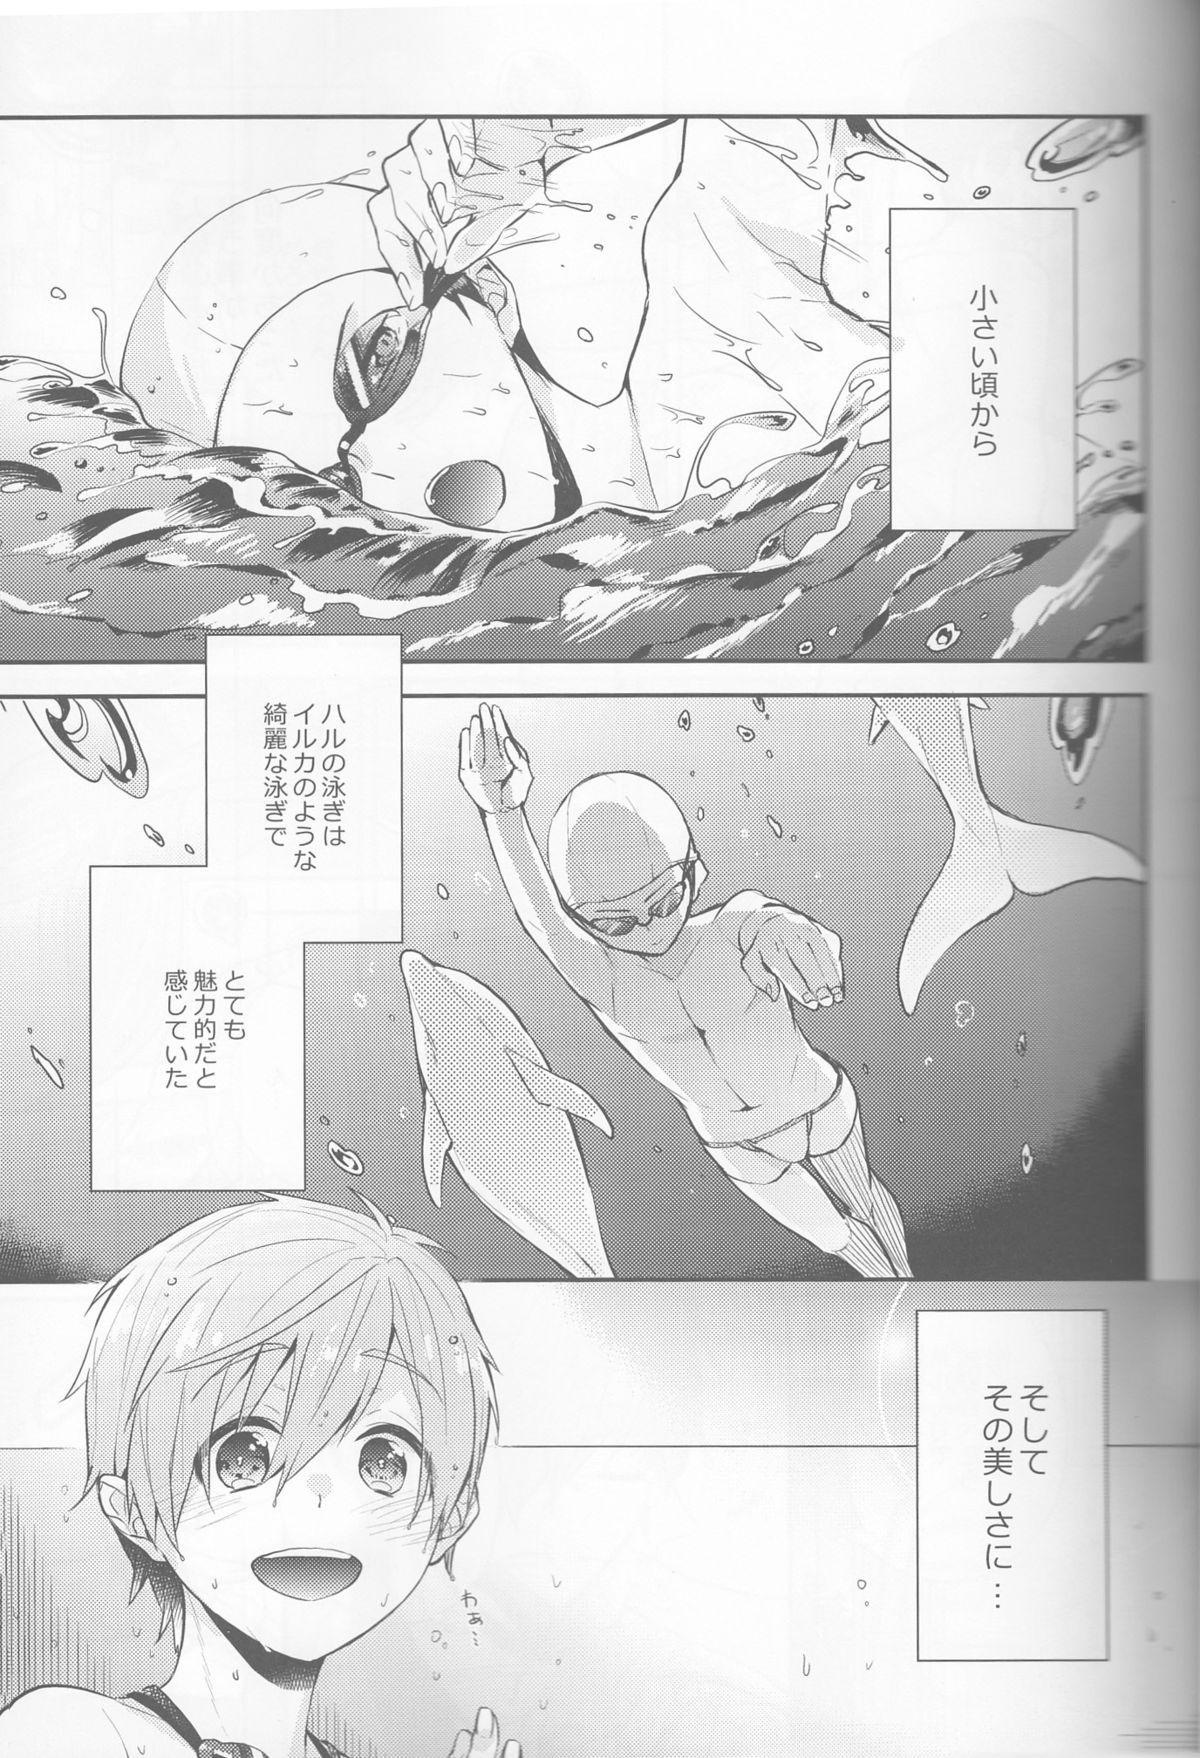 Manatsu no hakuchuumu 3